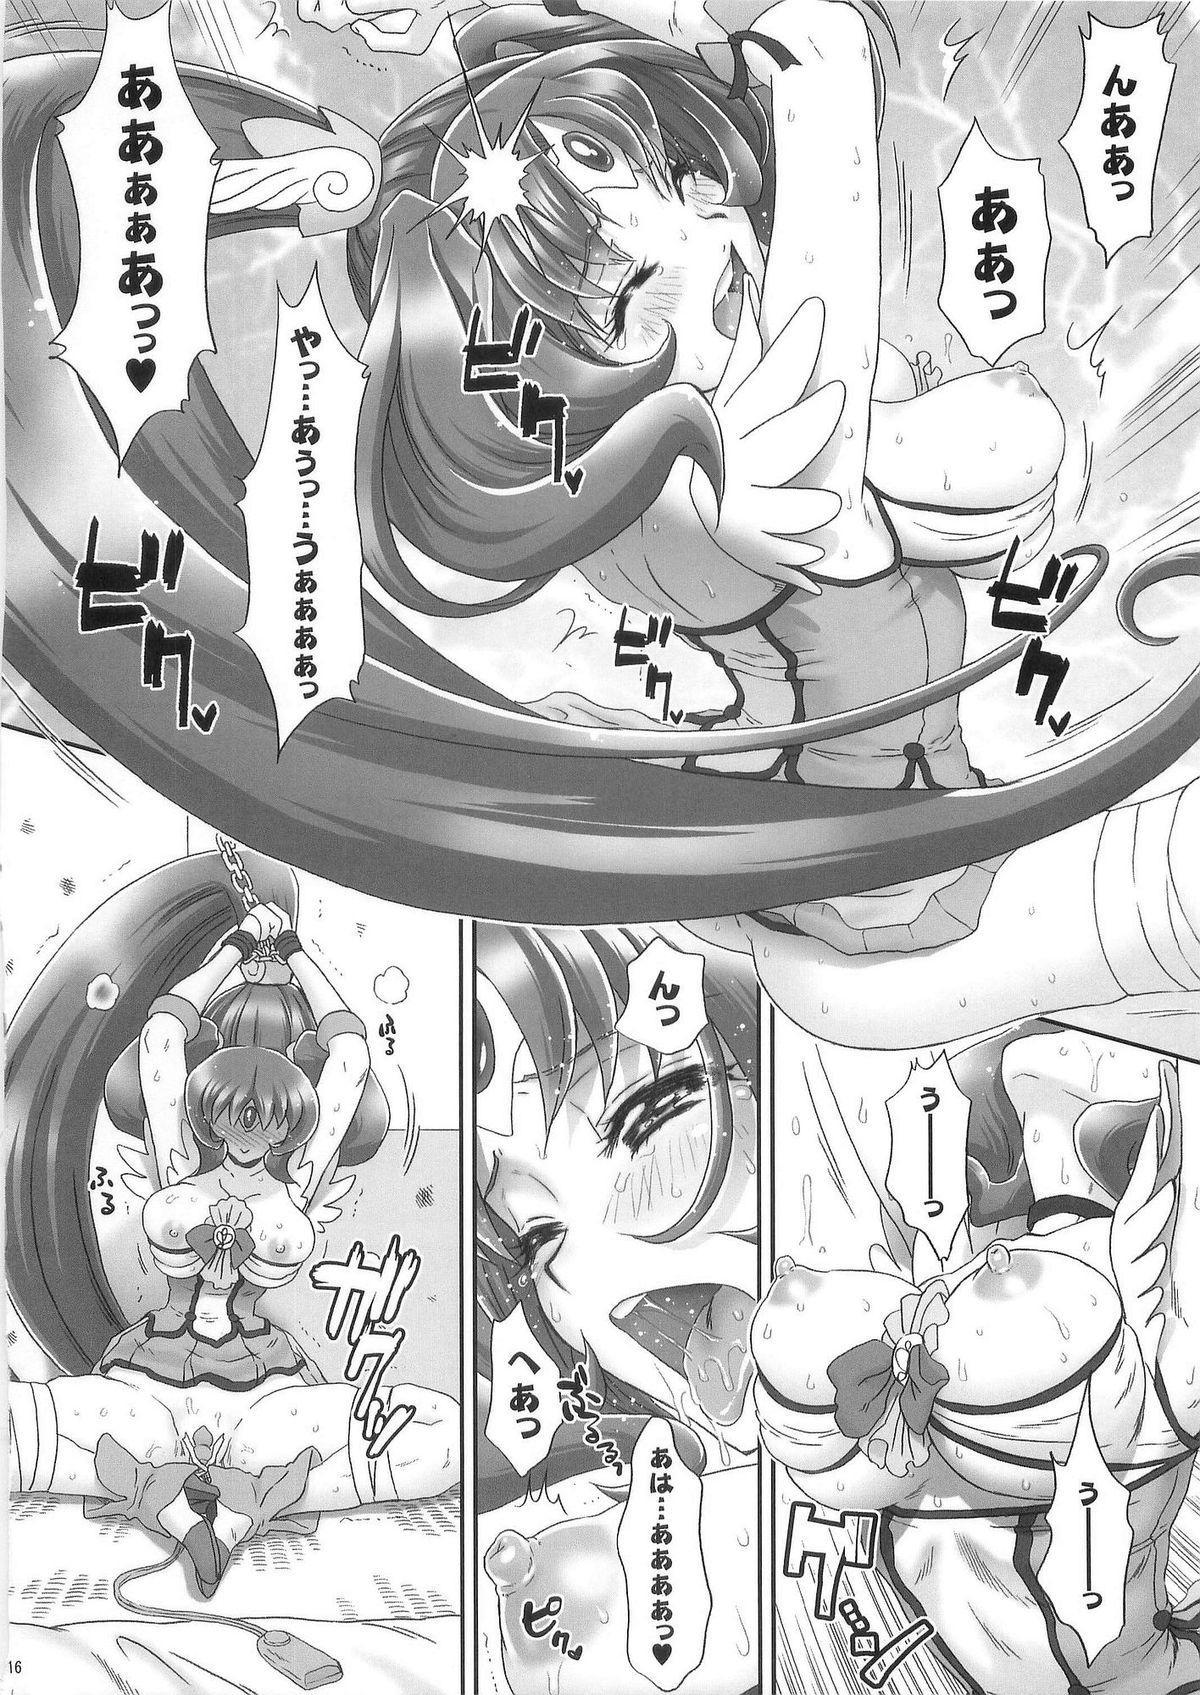 Nao-chan de Asobou 3 15